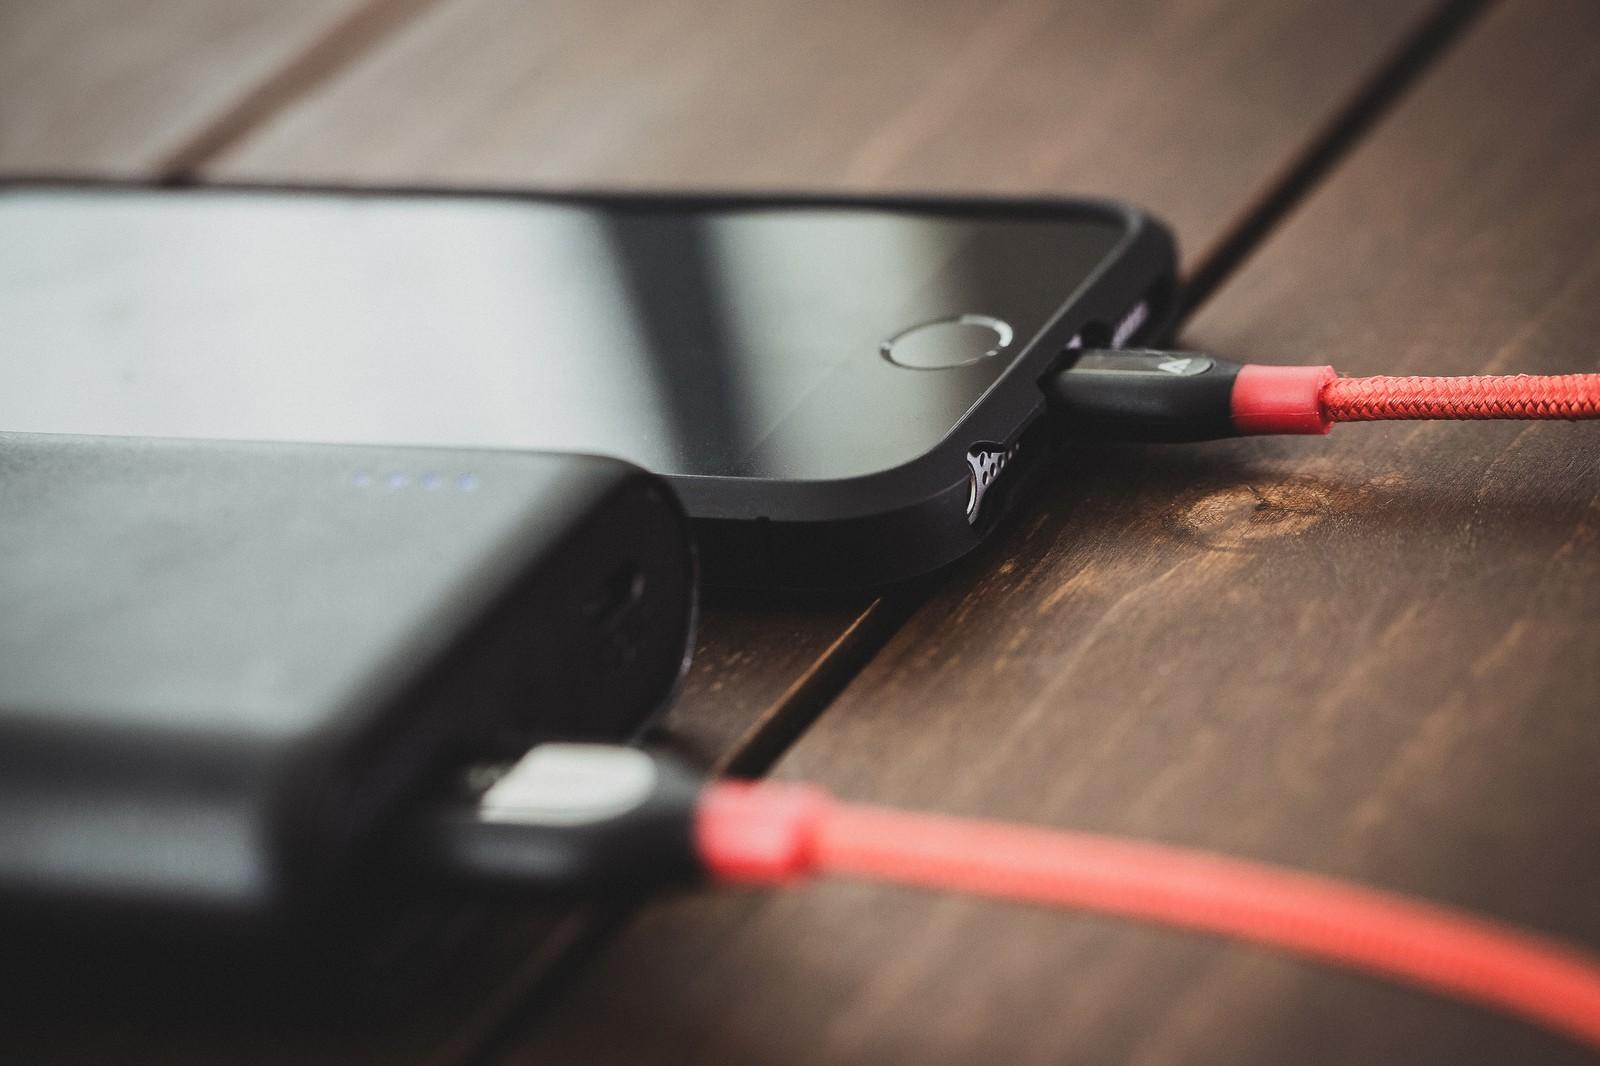 モバイルWi-Fiは無料レンタルができるって知ってた?